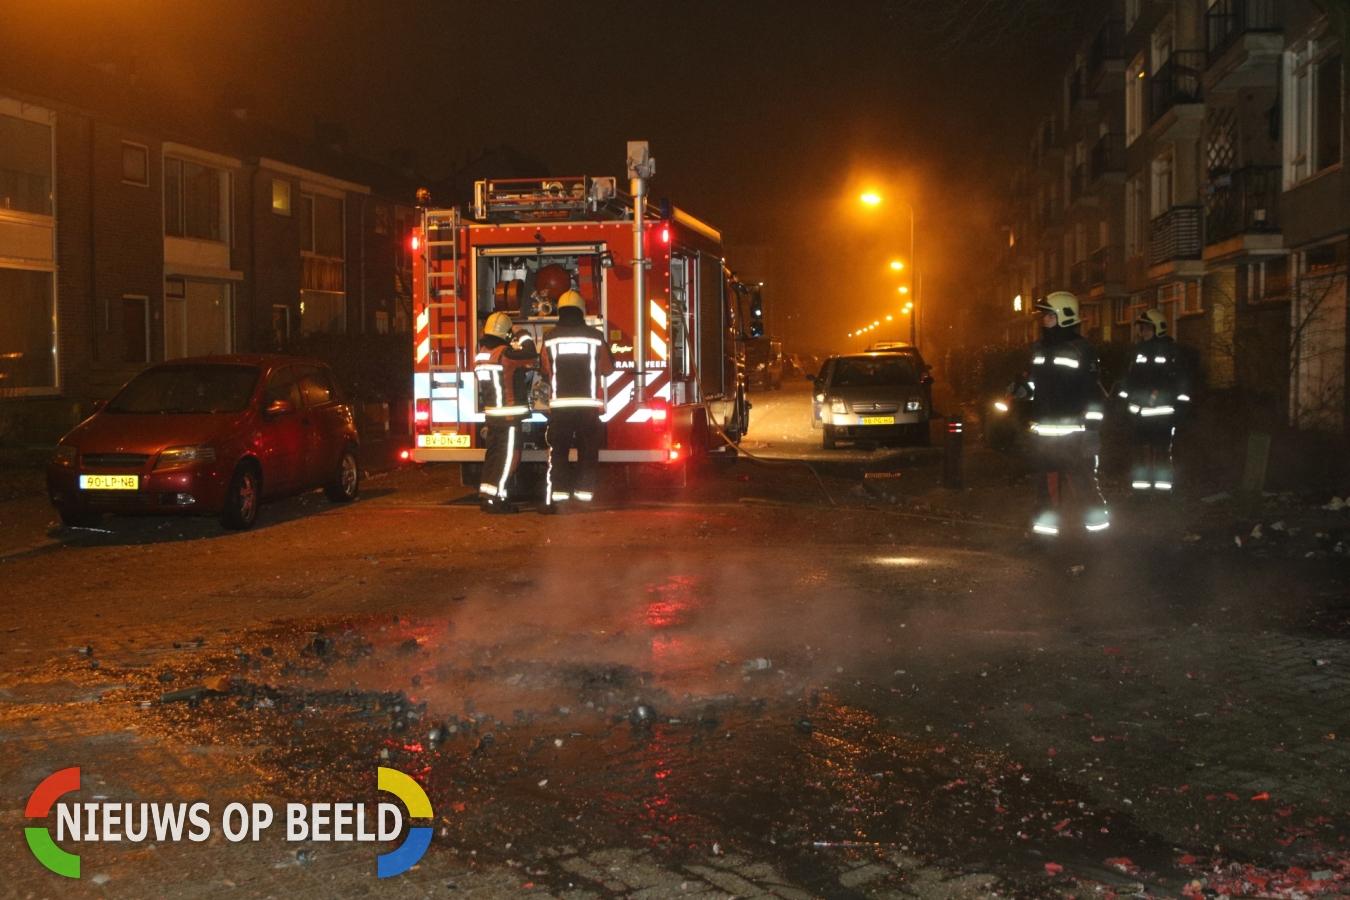 Brandweer blust brandjes in container Rembrandtlaan Voorschoten